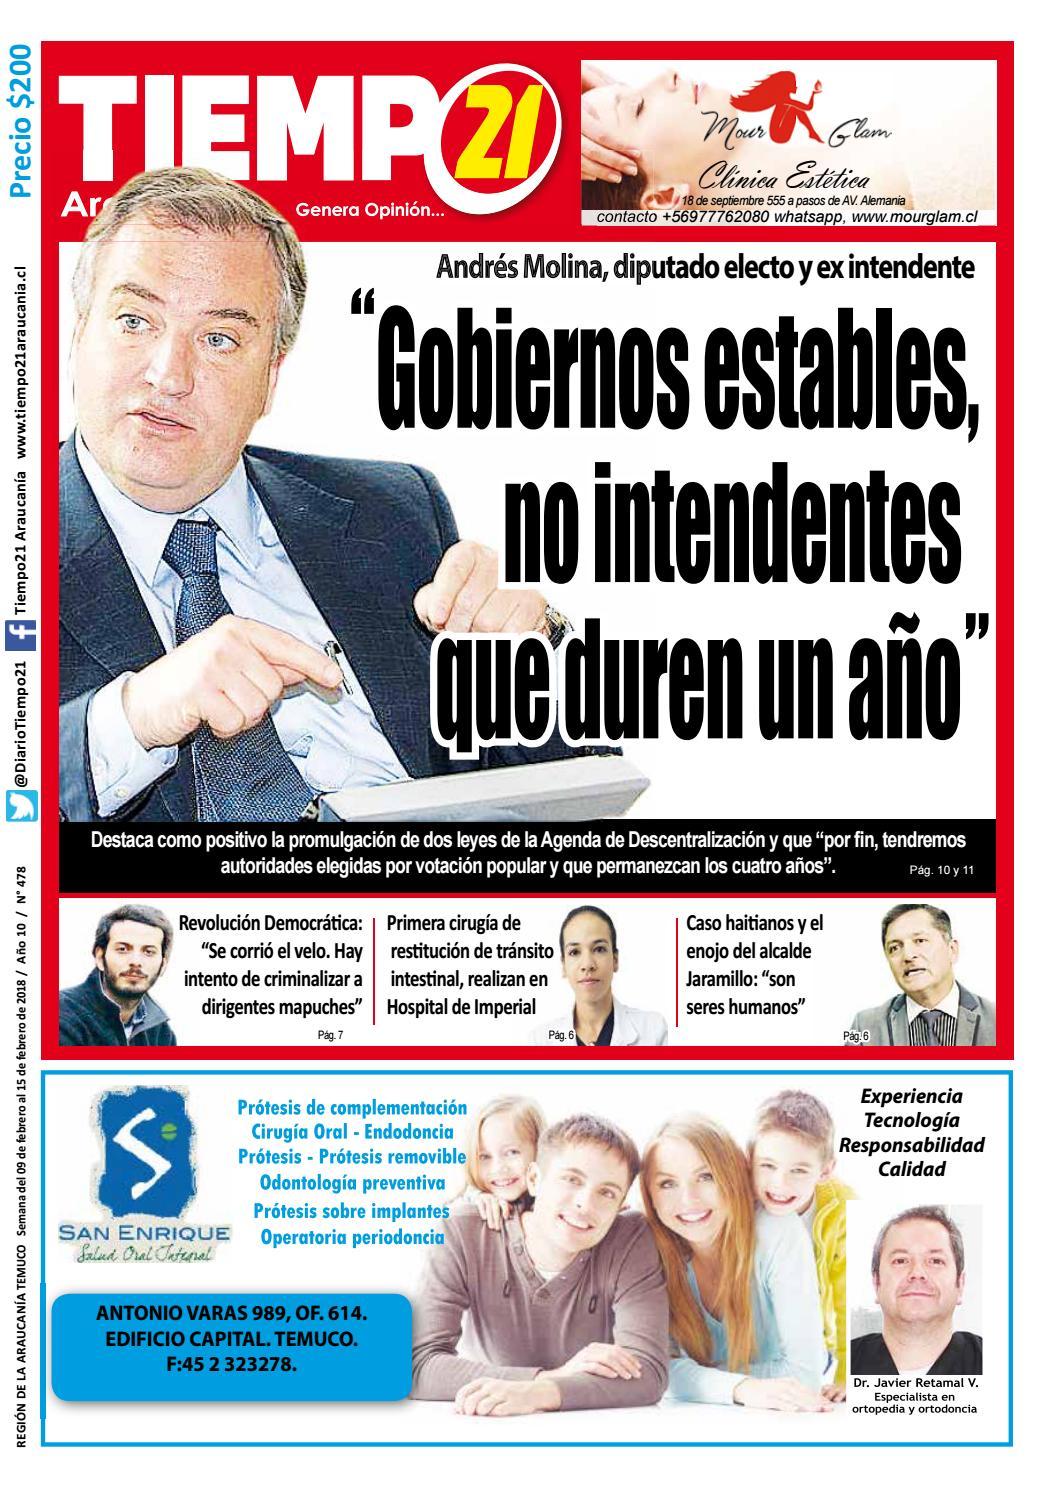 Muebles Caupolican San Carlos - Edici N 478 Andr S Molina Gobiernos Estables No Intendentes [mjhdah]https://image.isu.pub/170324145045-5d6ddc1e9512510045f4edcd4e53a3d1/jpg/page_1.jpg